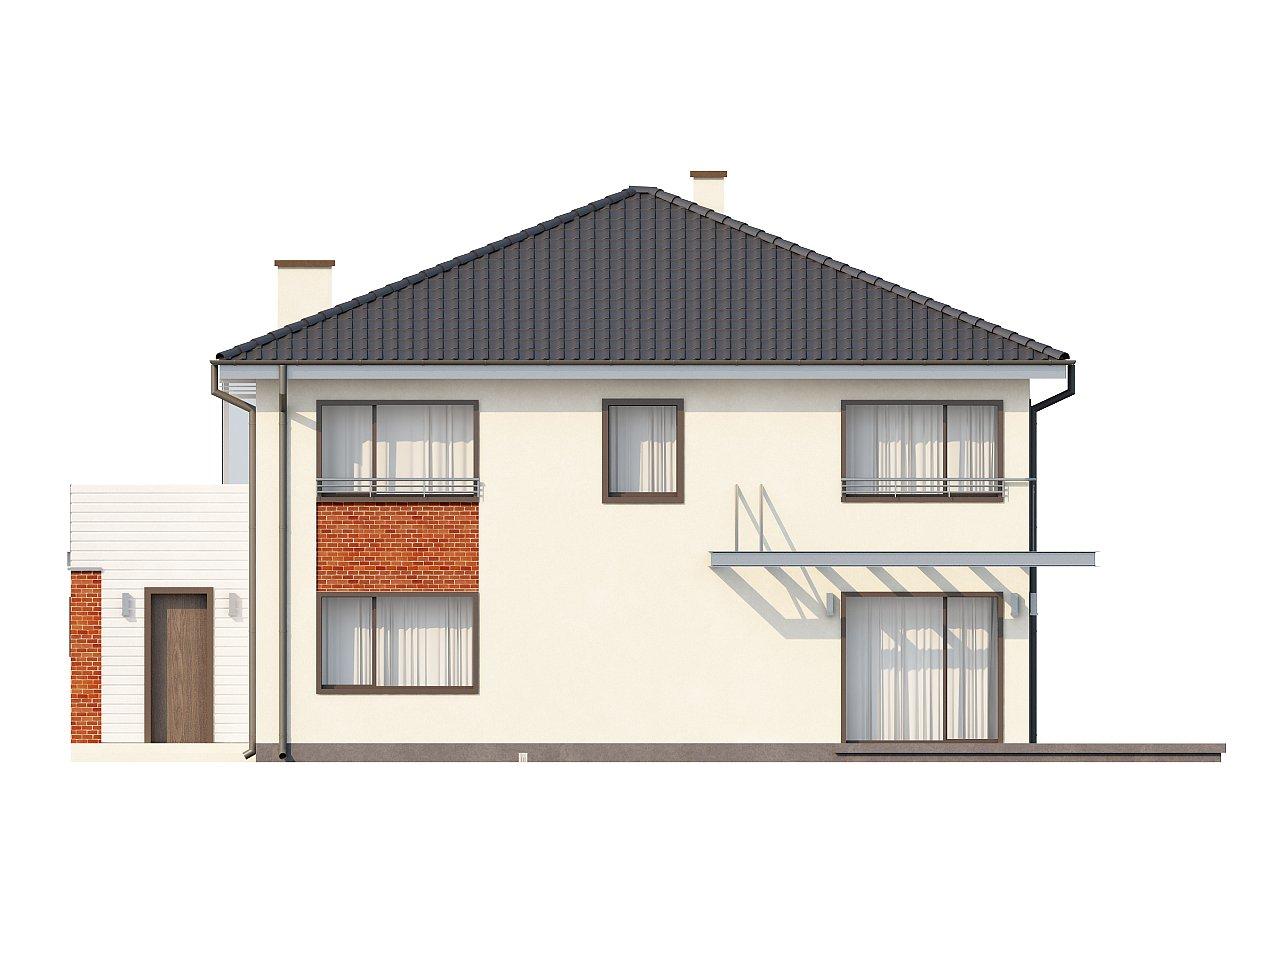 Комфортабельный двухэтажный дом простой формы со стеклянным эркером над гаражом. - фото 5